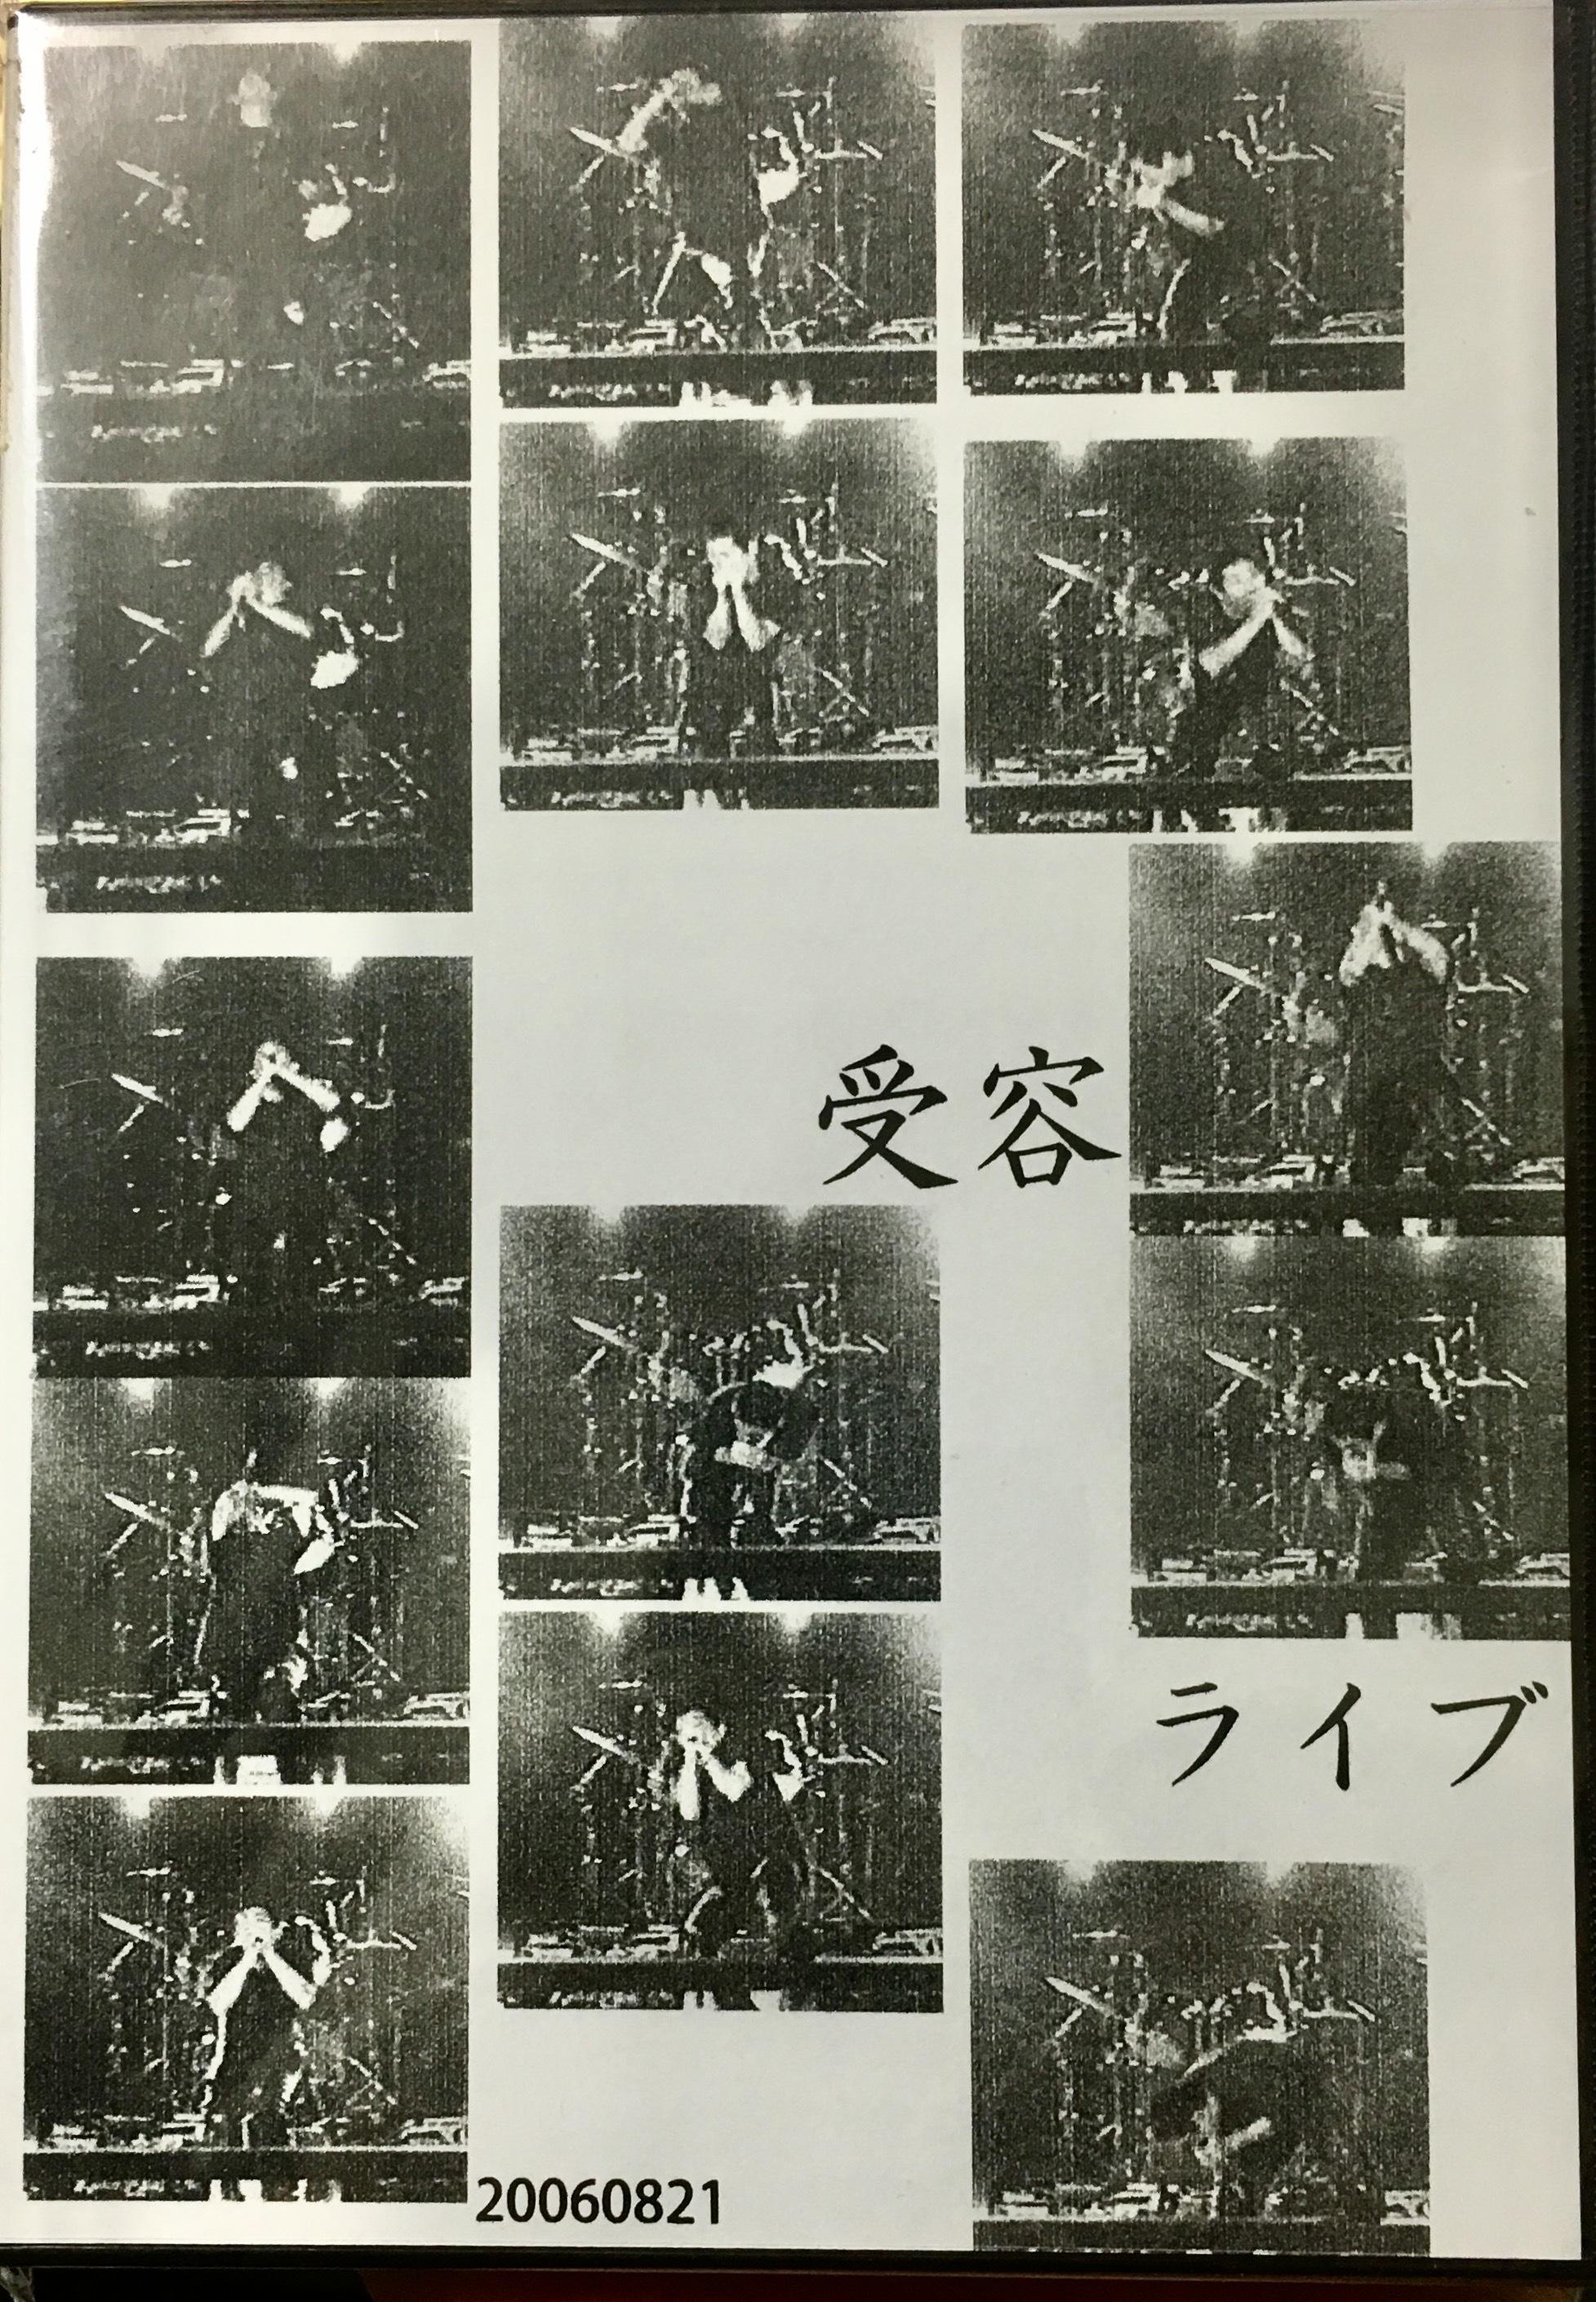 受容(Juyou) - ライブ(Live) (DVDR)